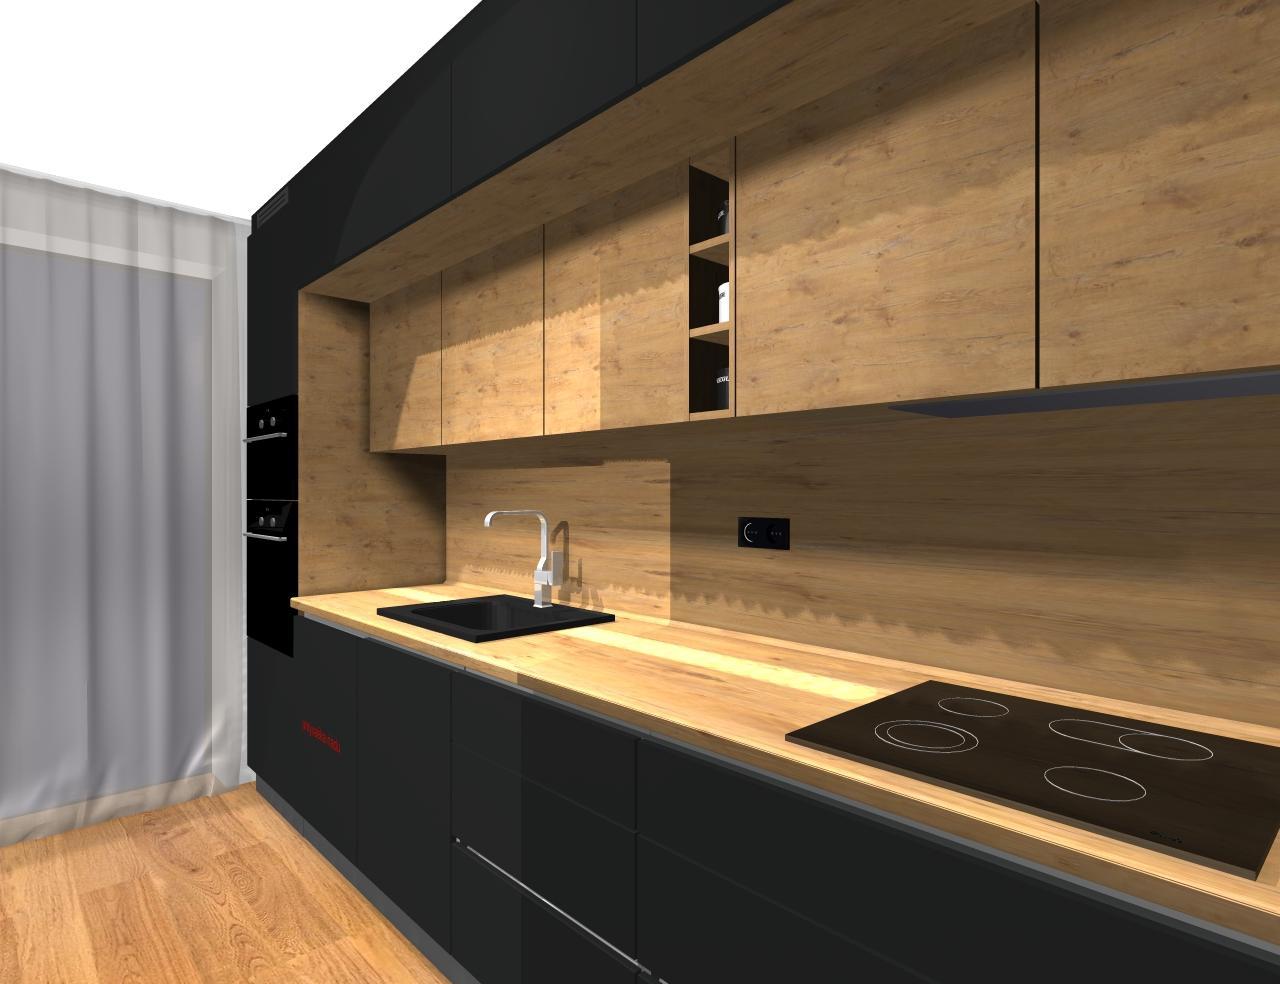 Grafické návrhy kuchynských liniek 2019 - Grafický návrh kuchyne a Tv steny do paneláku v BB - obr.8